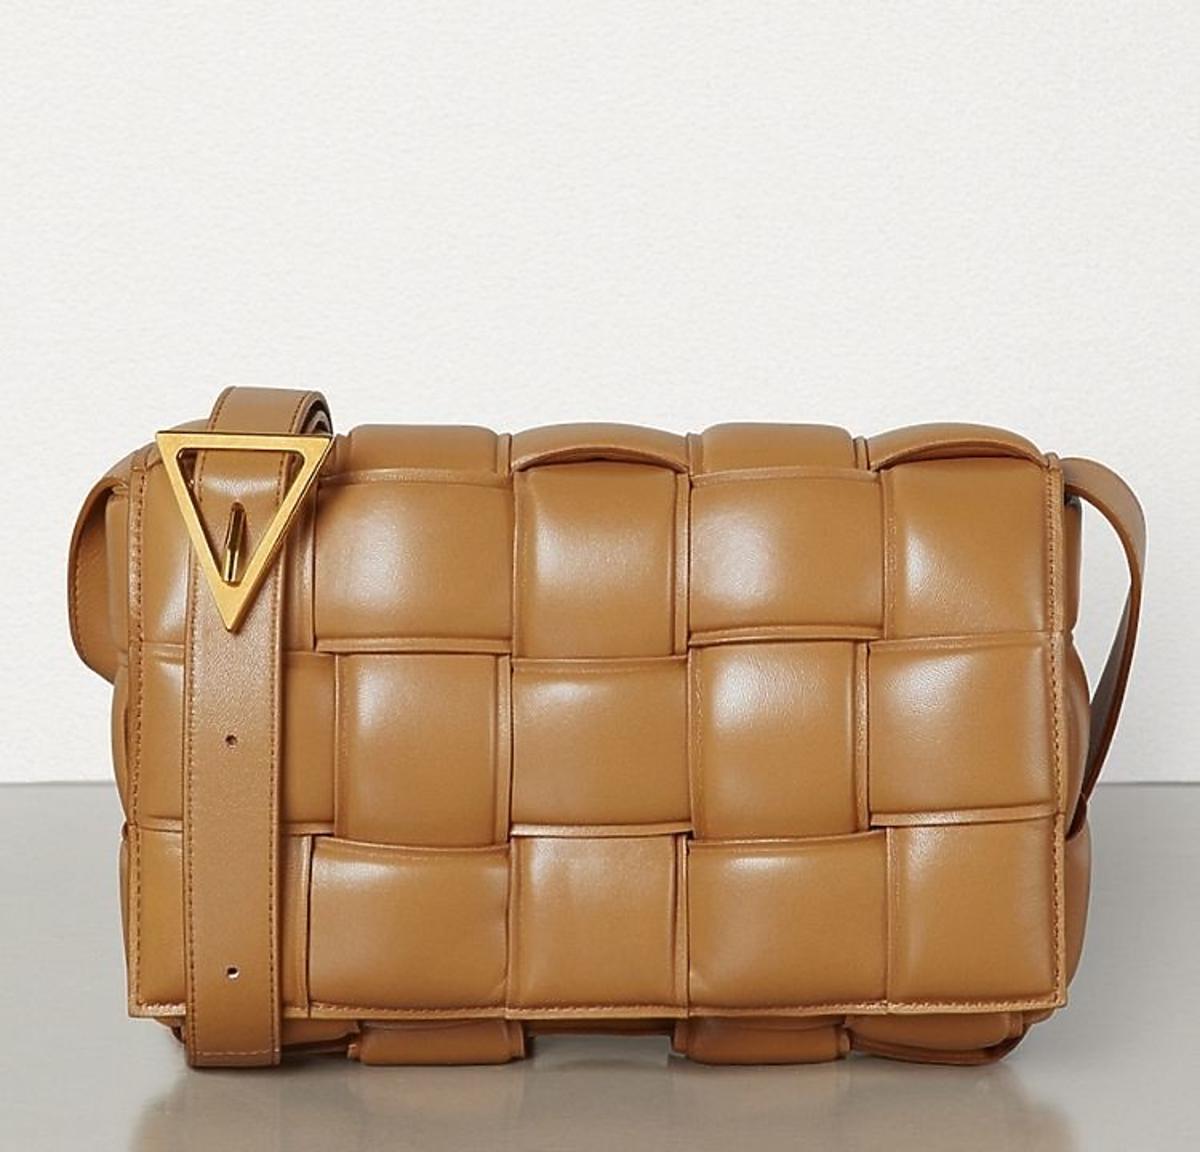 Padded Casette Bag Bottega Venetta